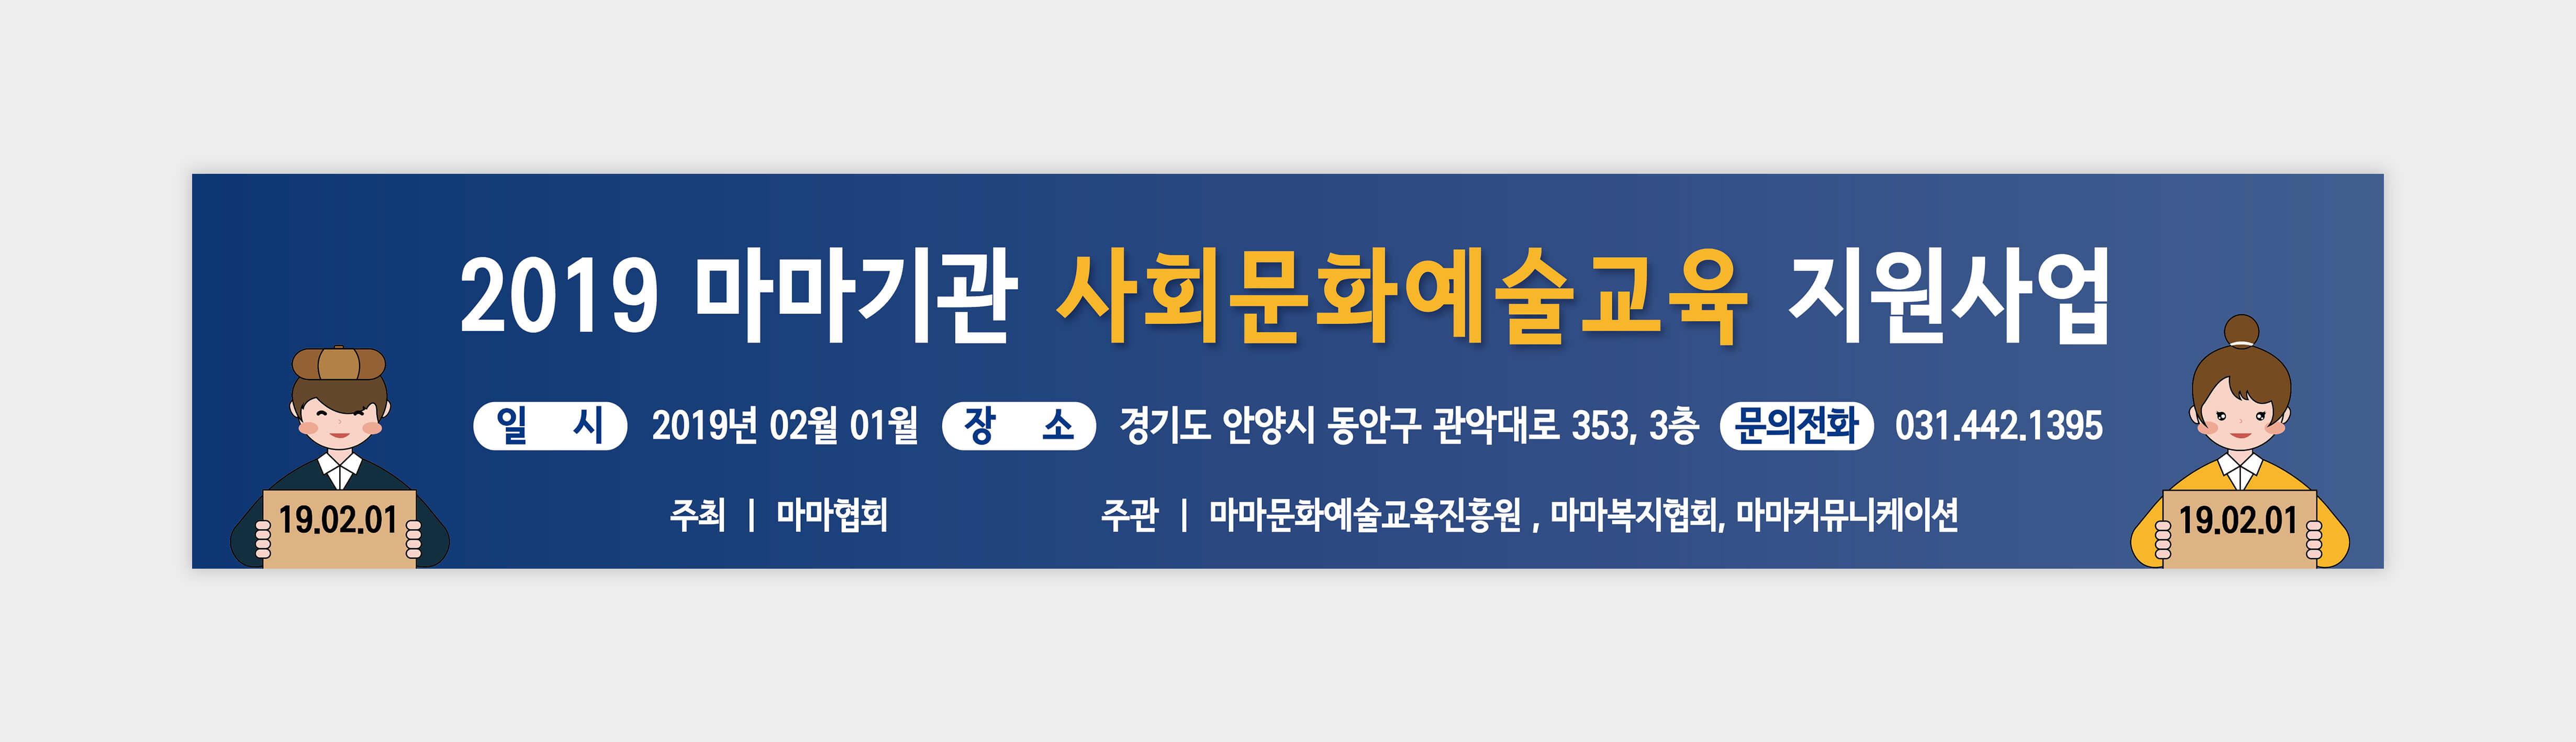 현수막_009